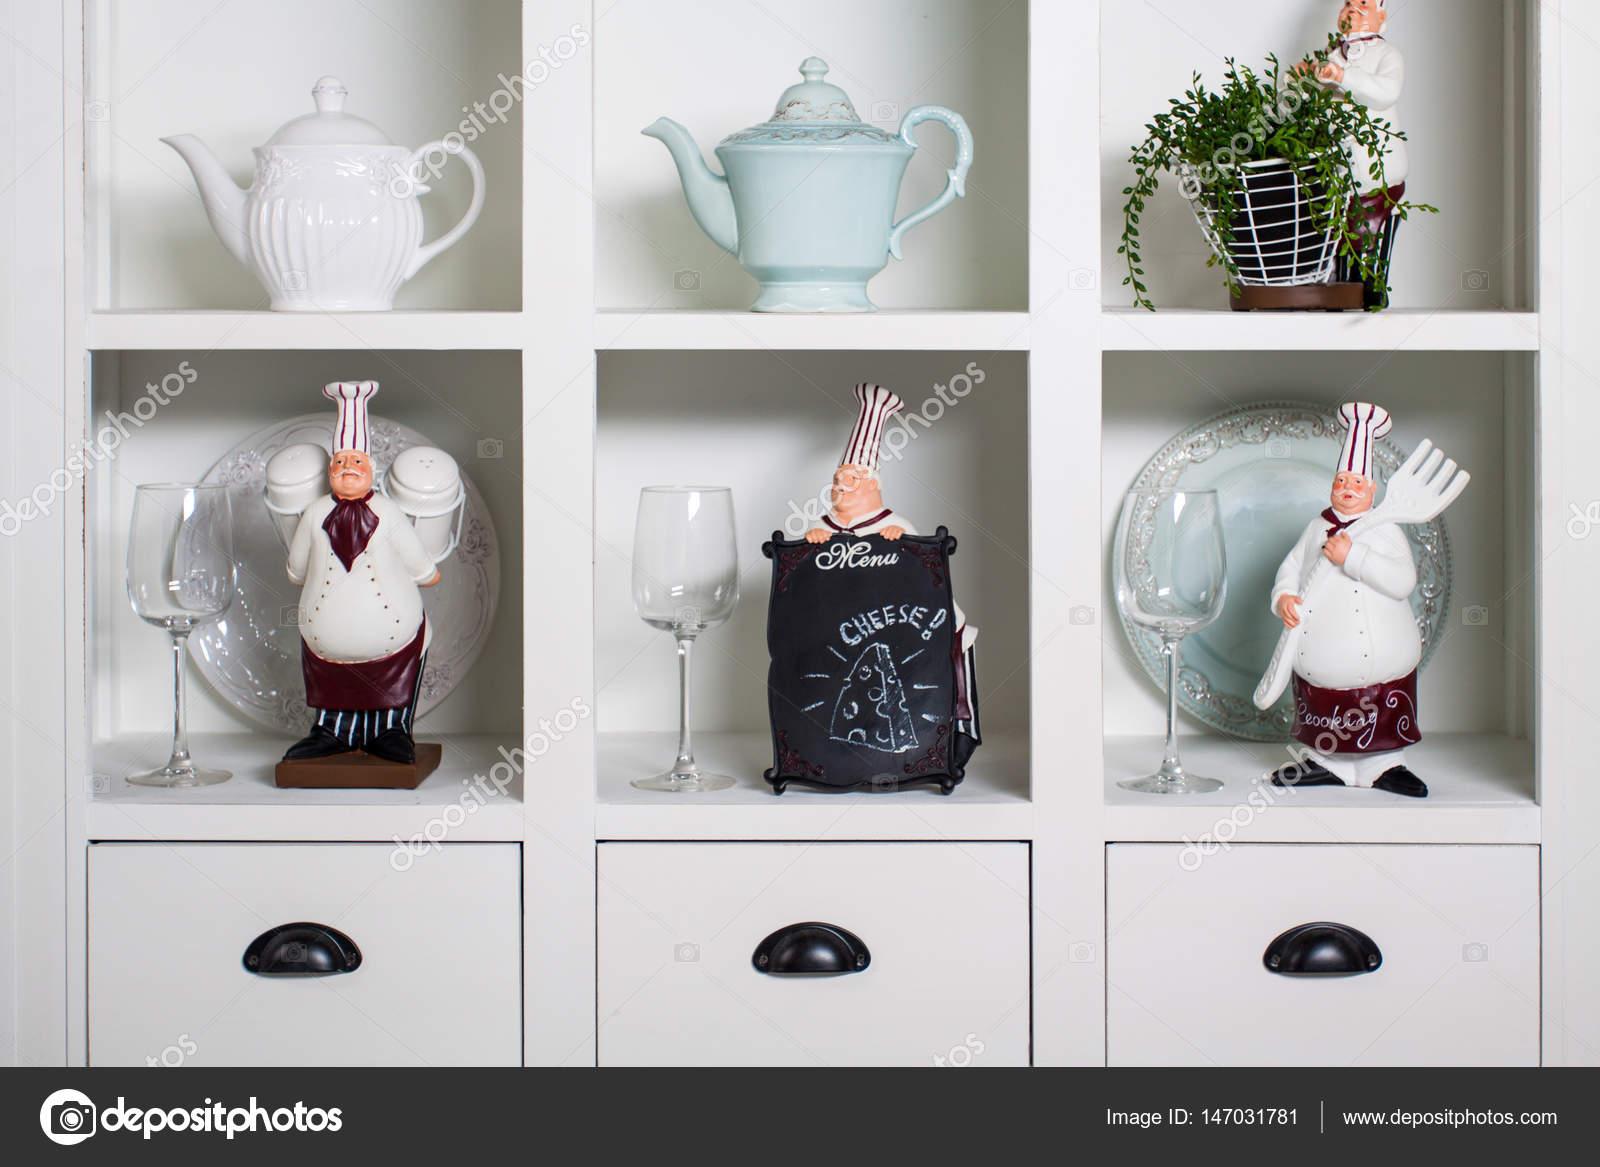 Innen Im Provenzalischen Stil: Möbel Und Dekor U2014 Stockfoto